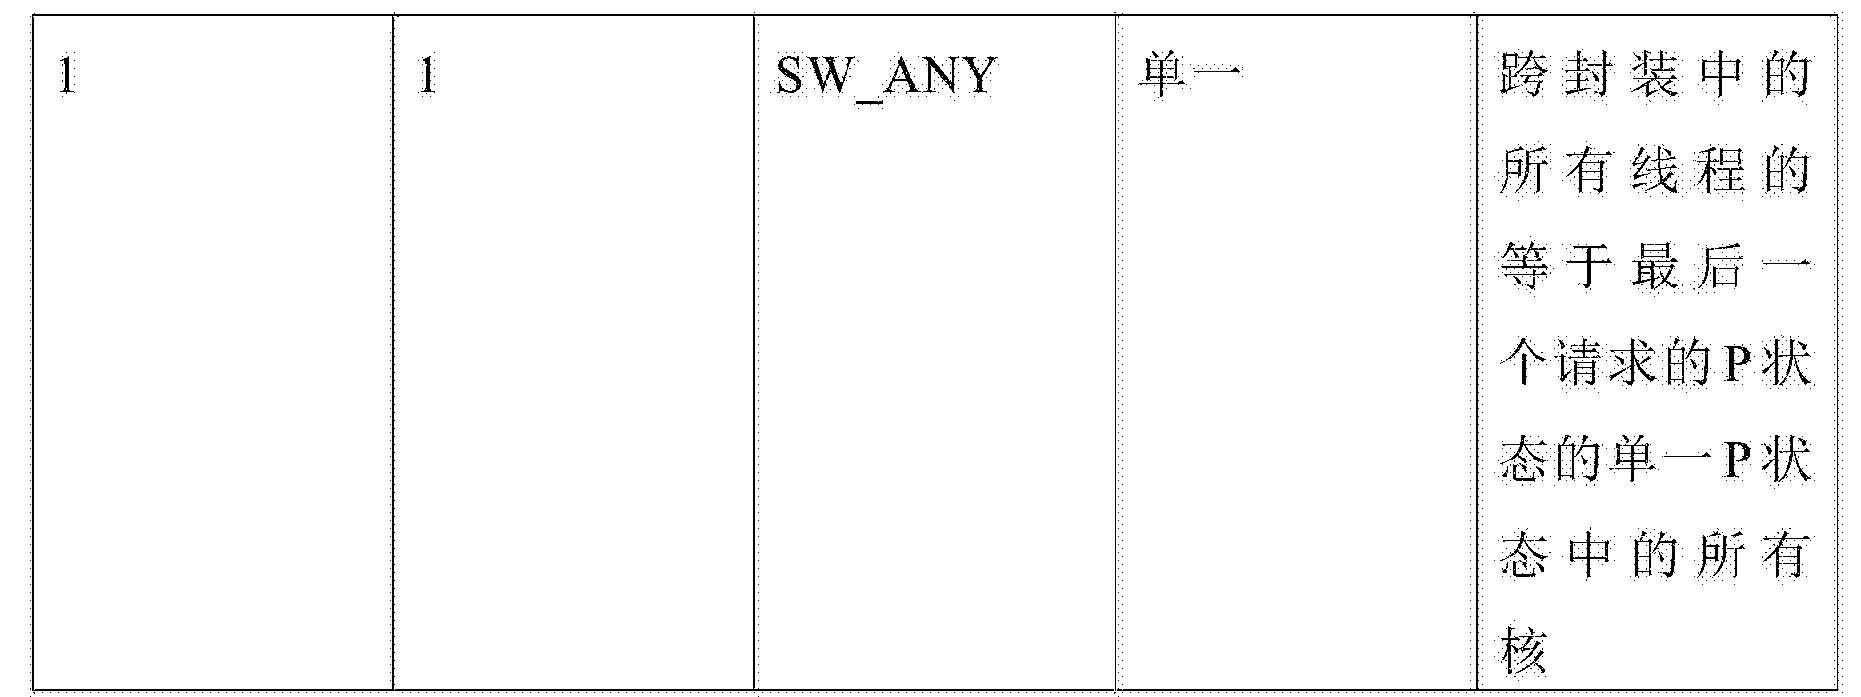 Figure CN104508594BD00111